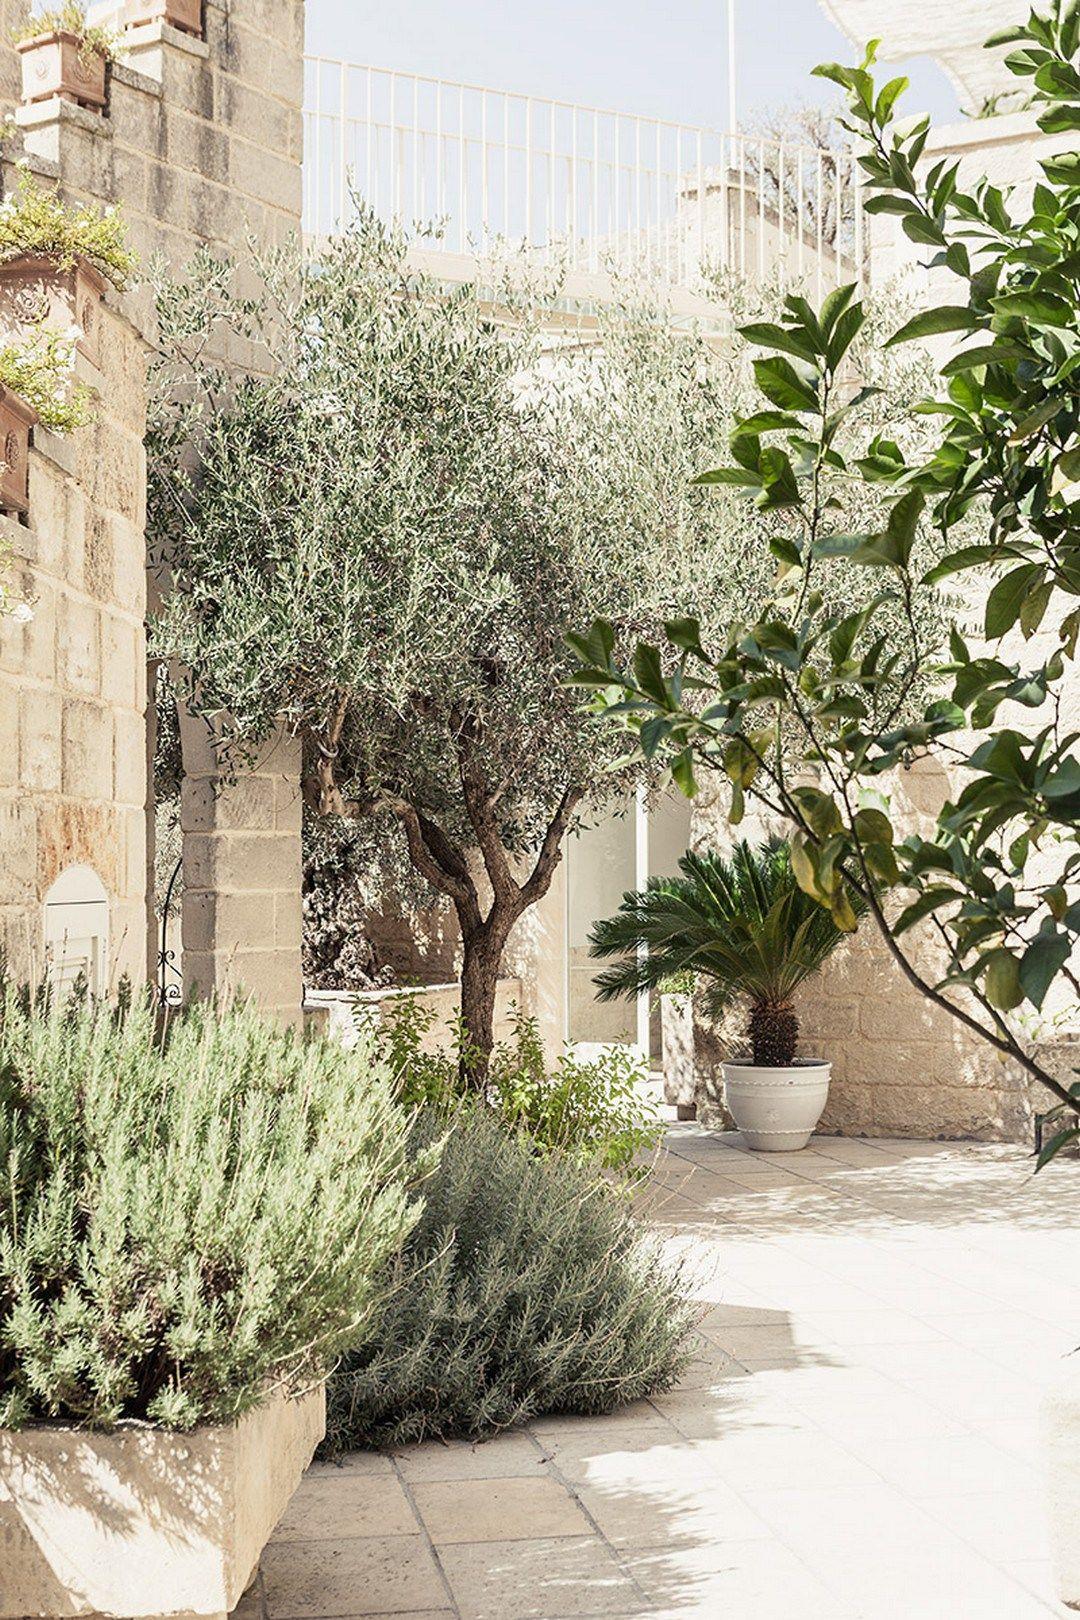 Modern Landscaping Mediterranean Garden Ideas (8)  Mediterranean